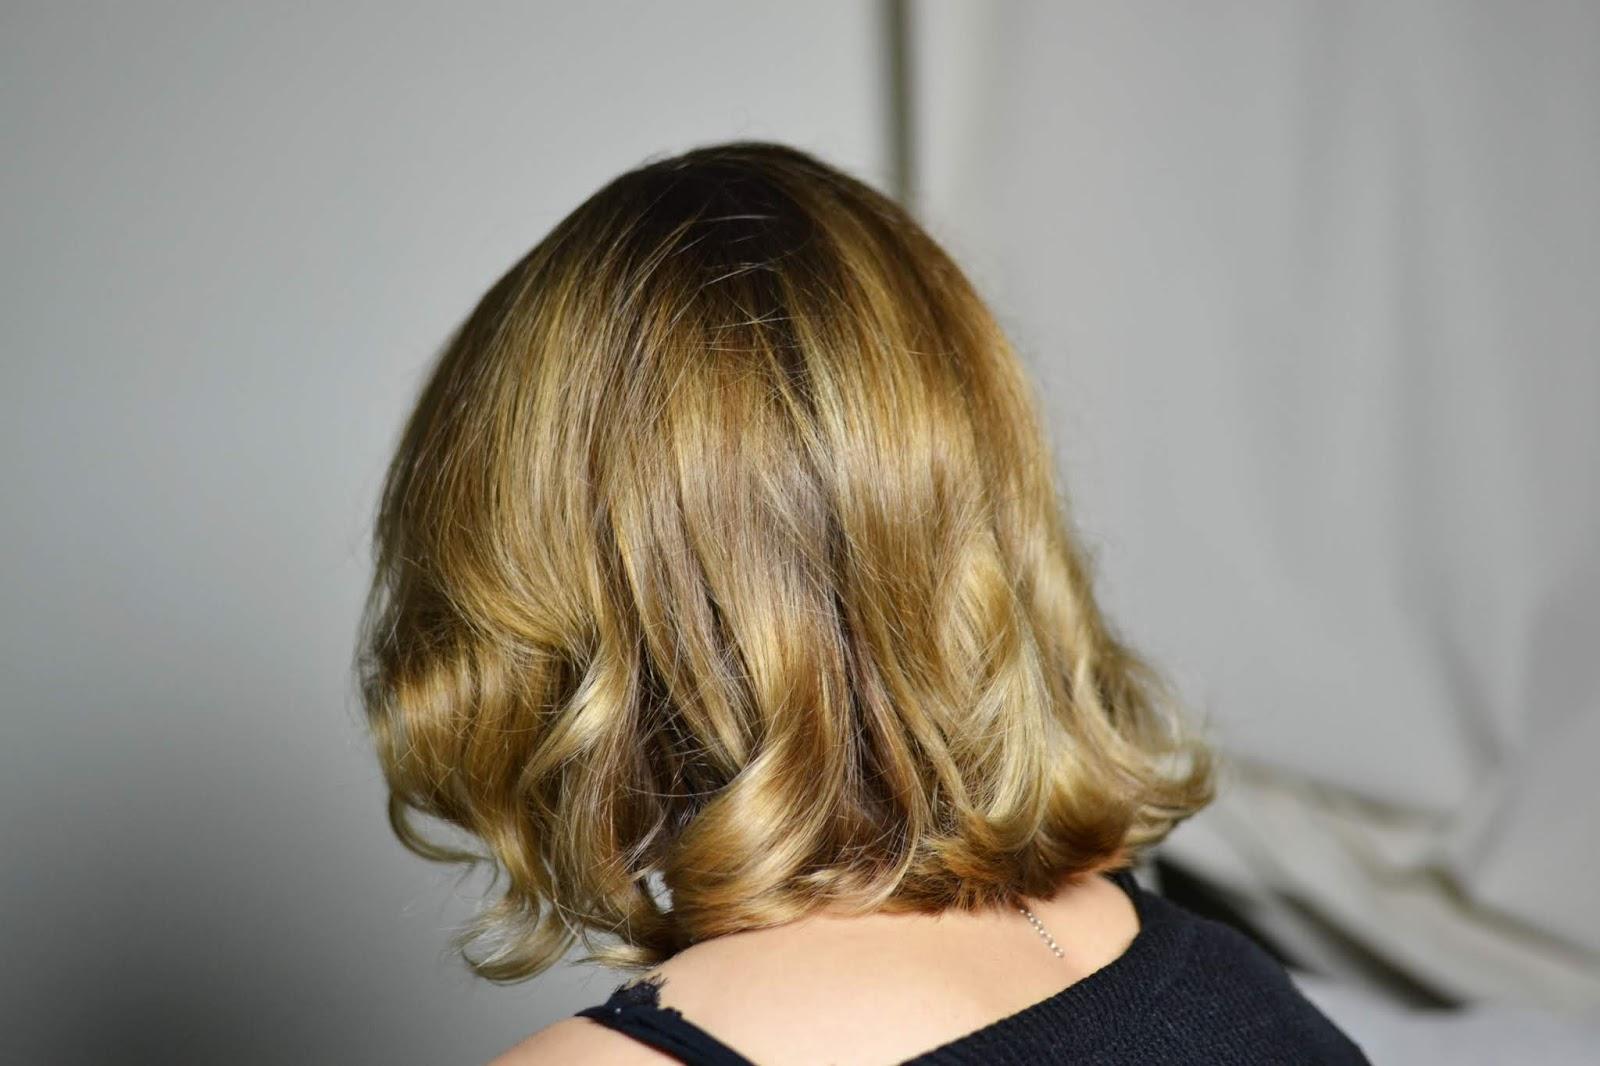 włosy przed i po blog